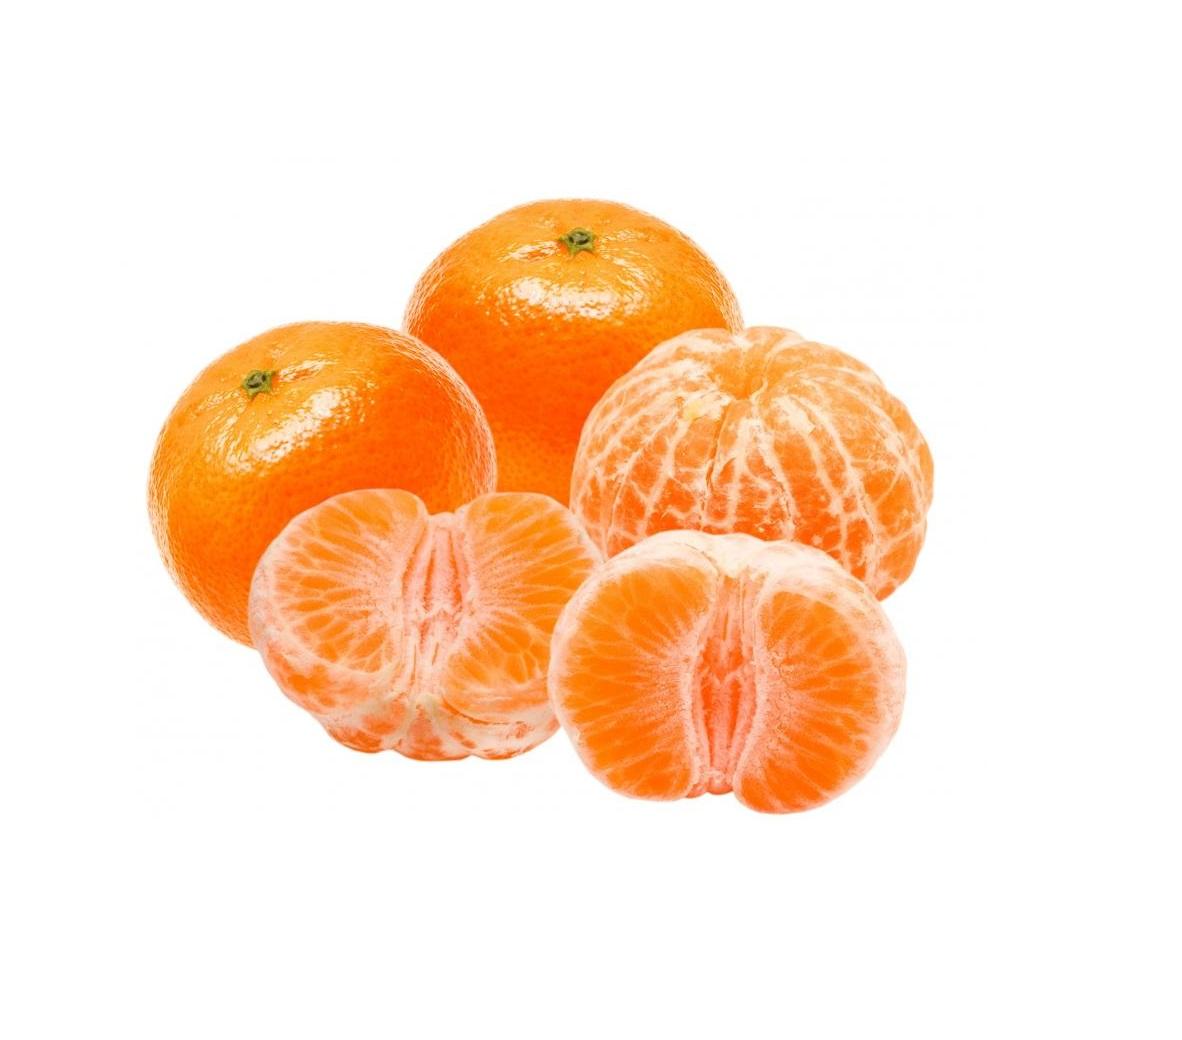 Wódka mandarynkowa (mandarynkówka)